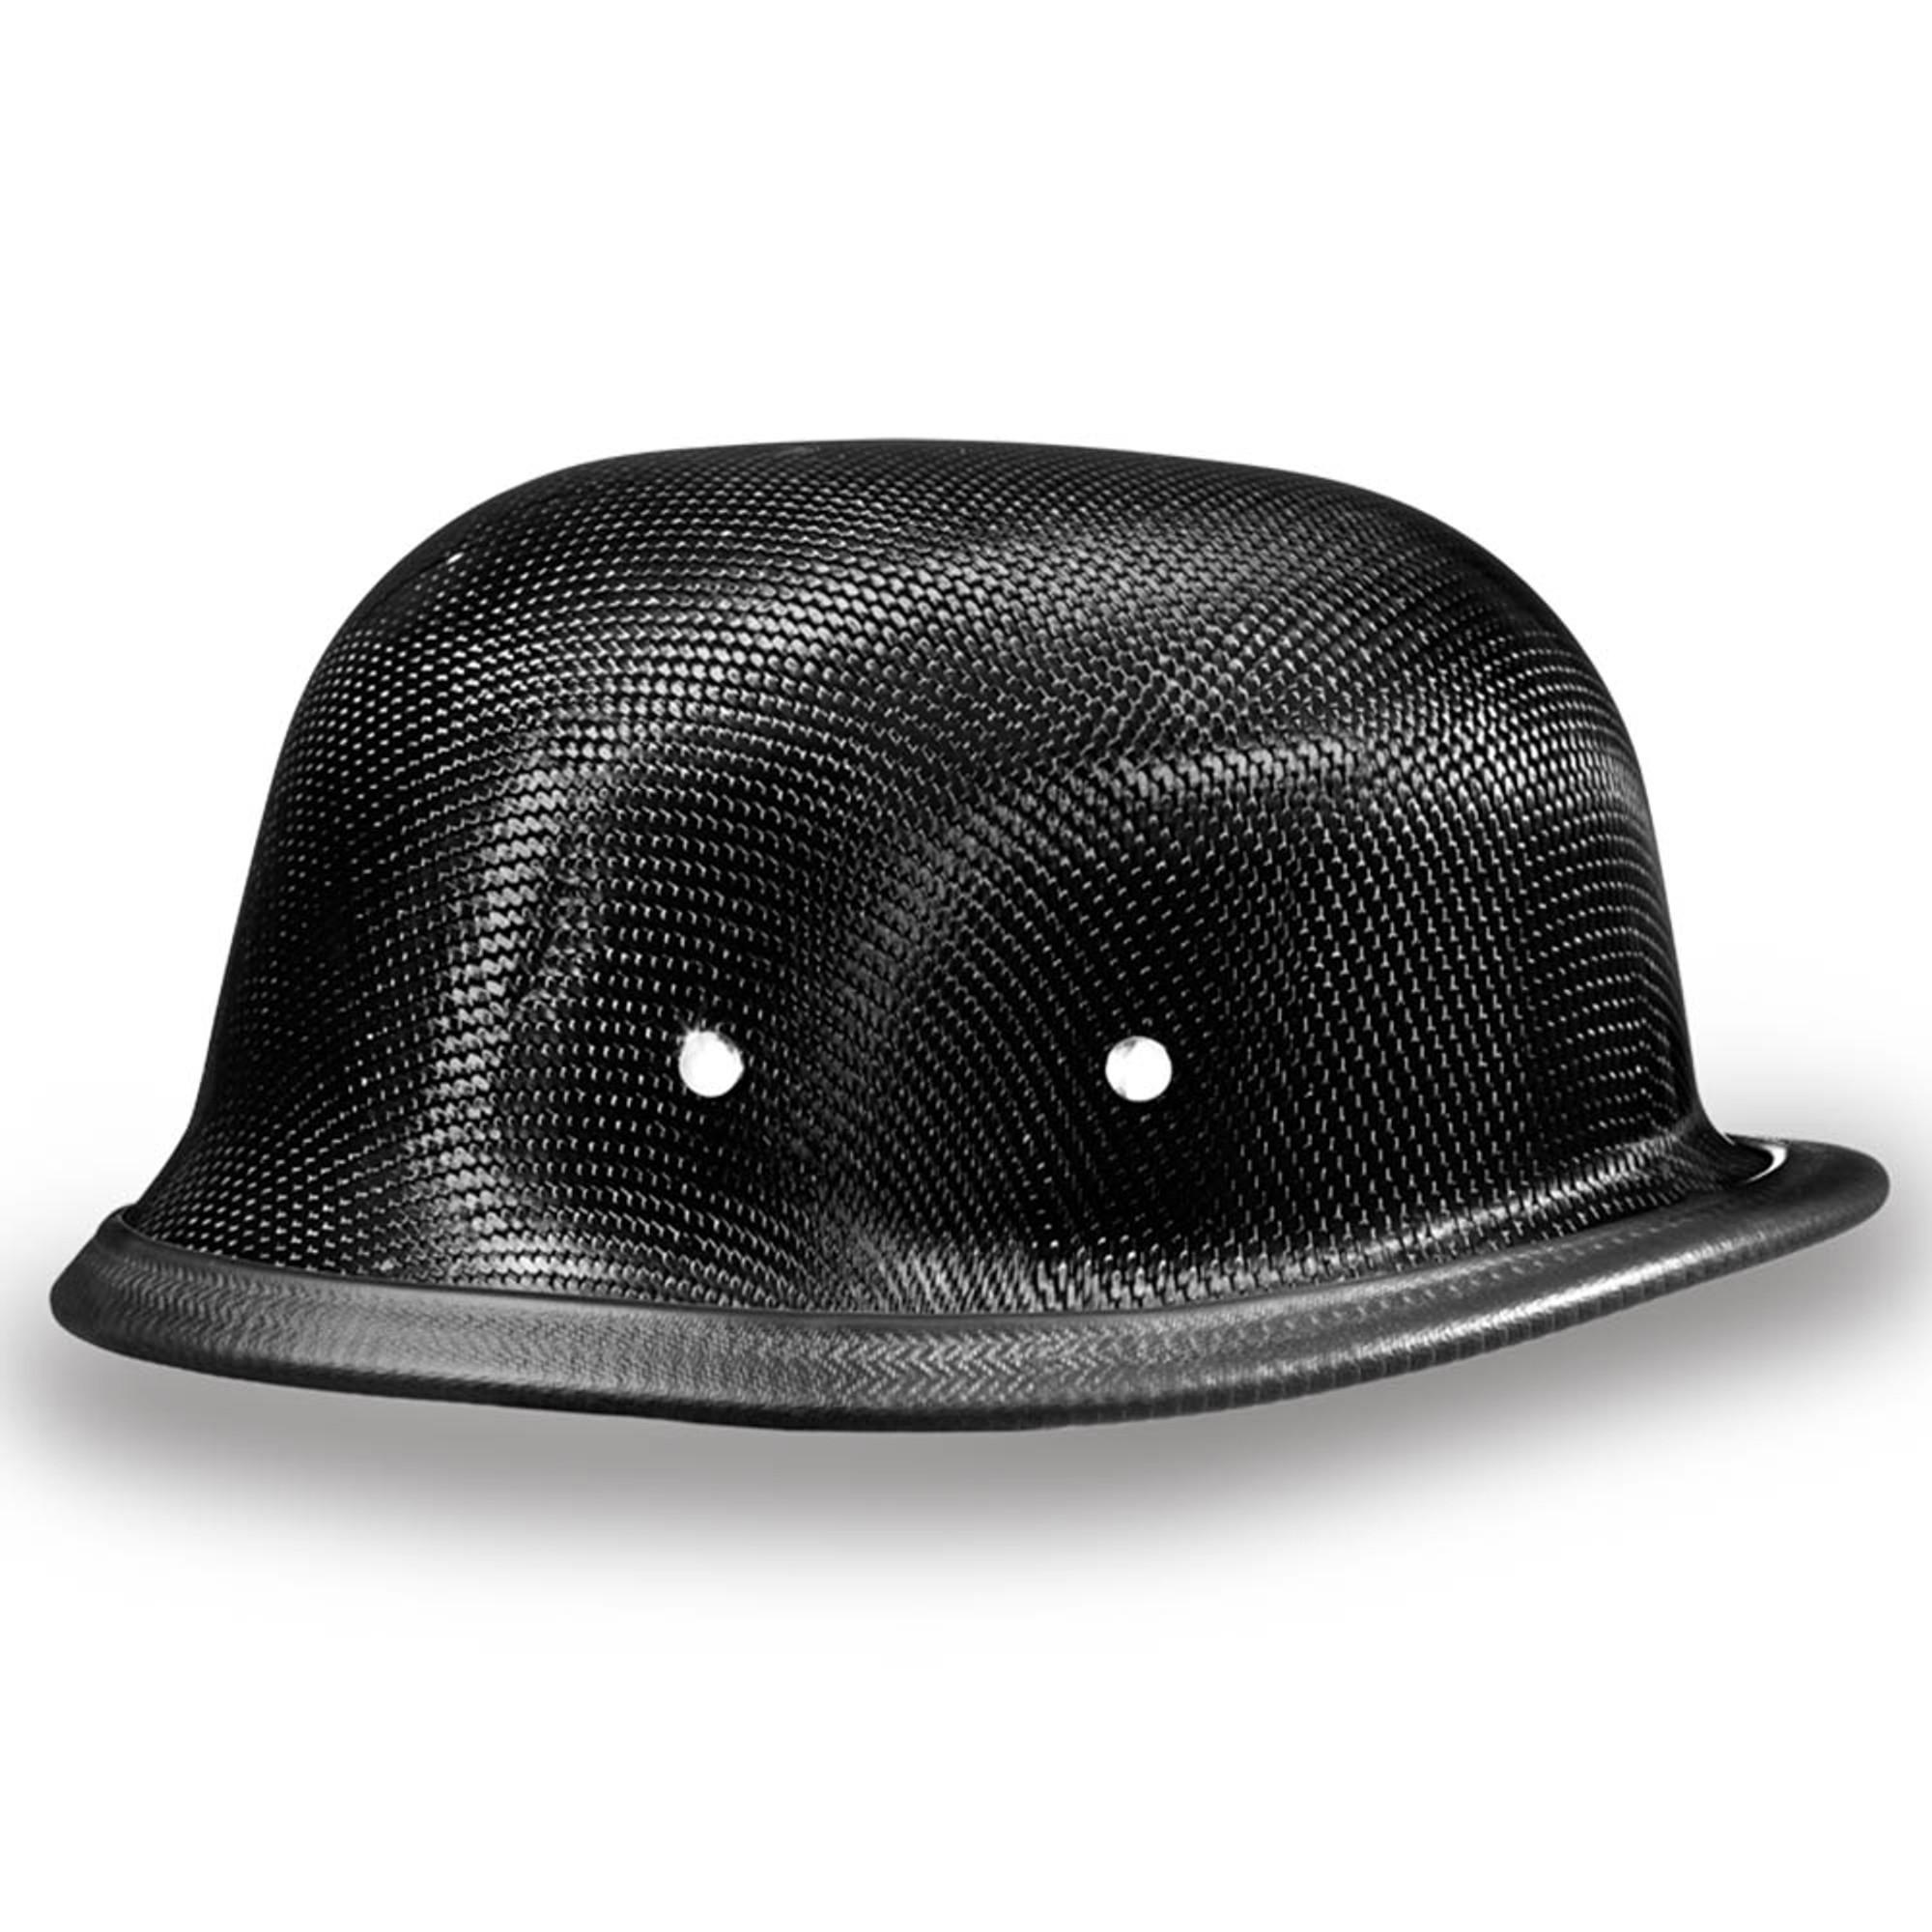 Carbon Fiber Motorcycle Helmets >> Real Carbon Fiber German Novelty Motorcycle Helmet By Daytona Xs S M L Xl 2xl